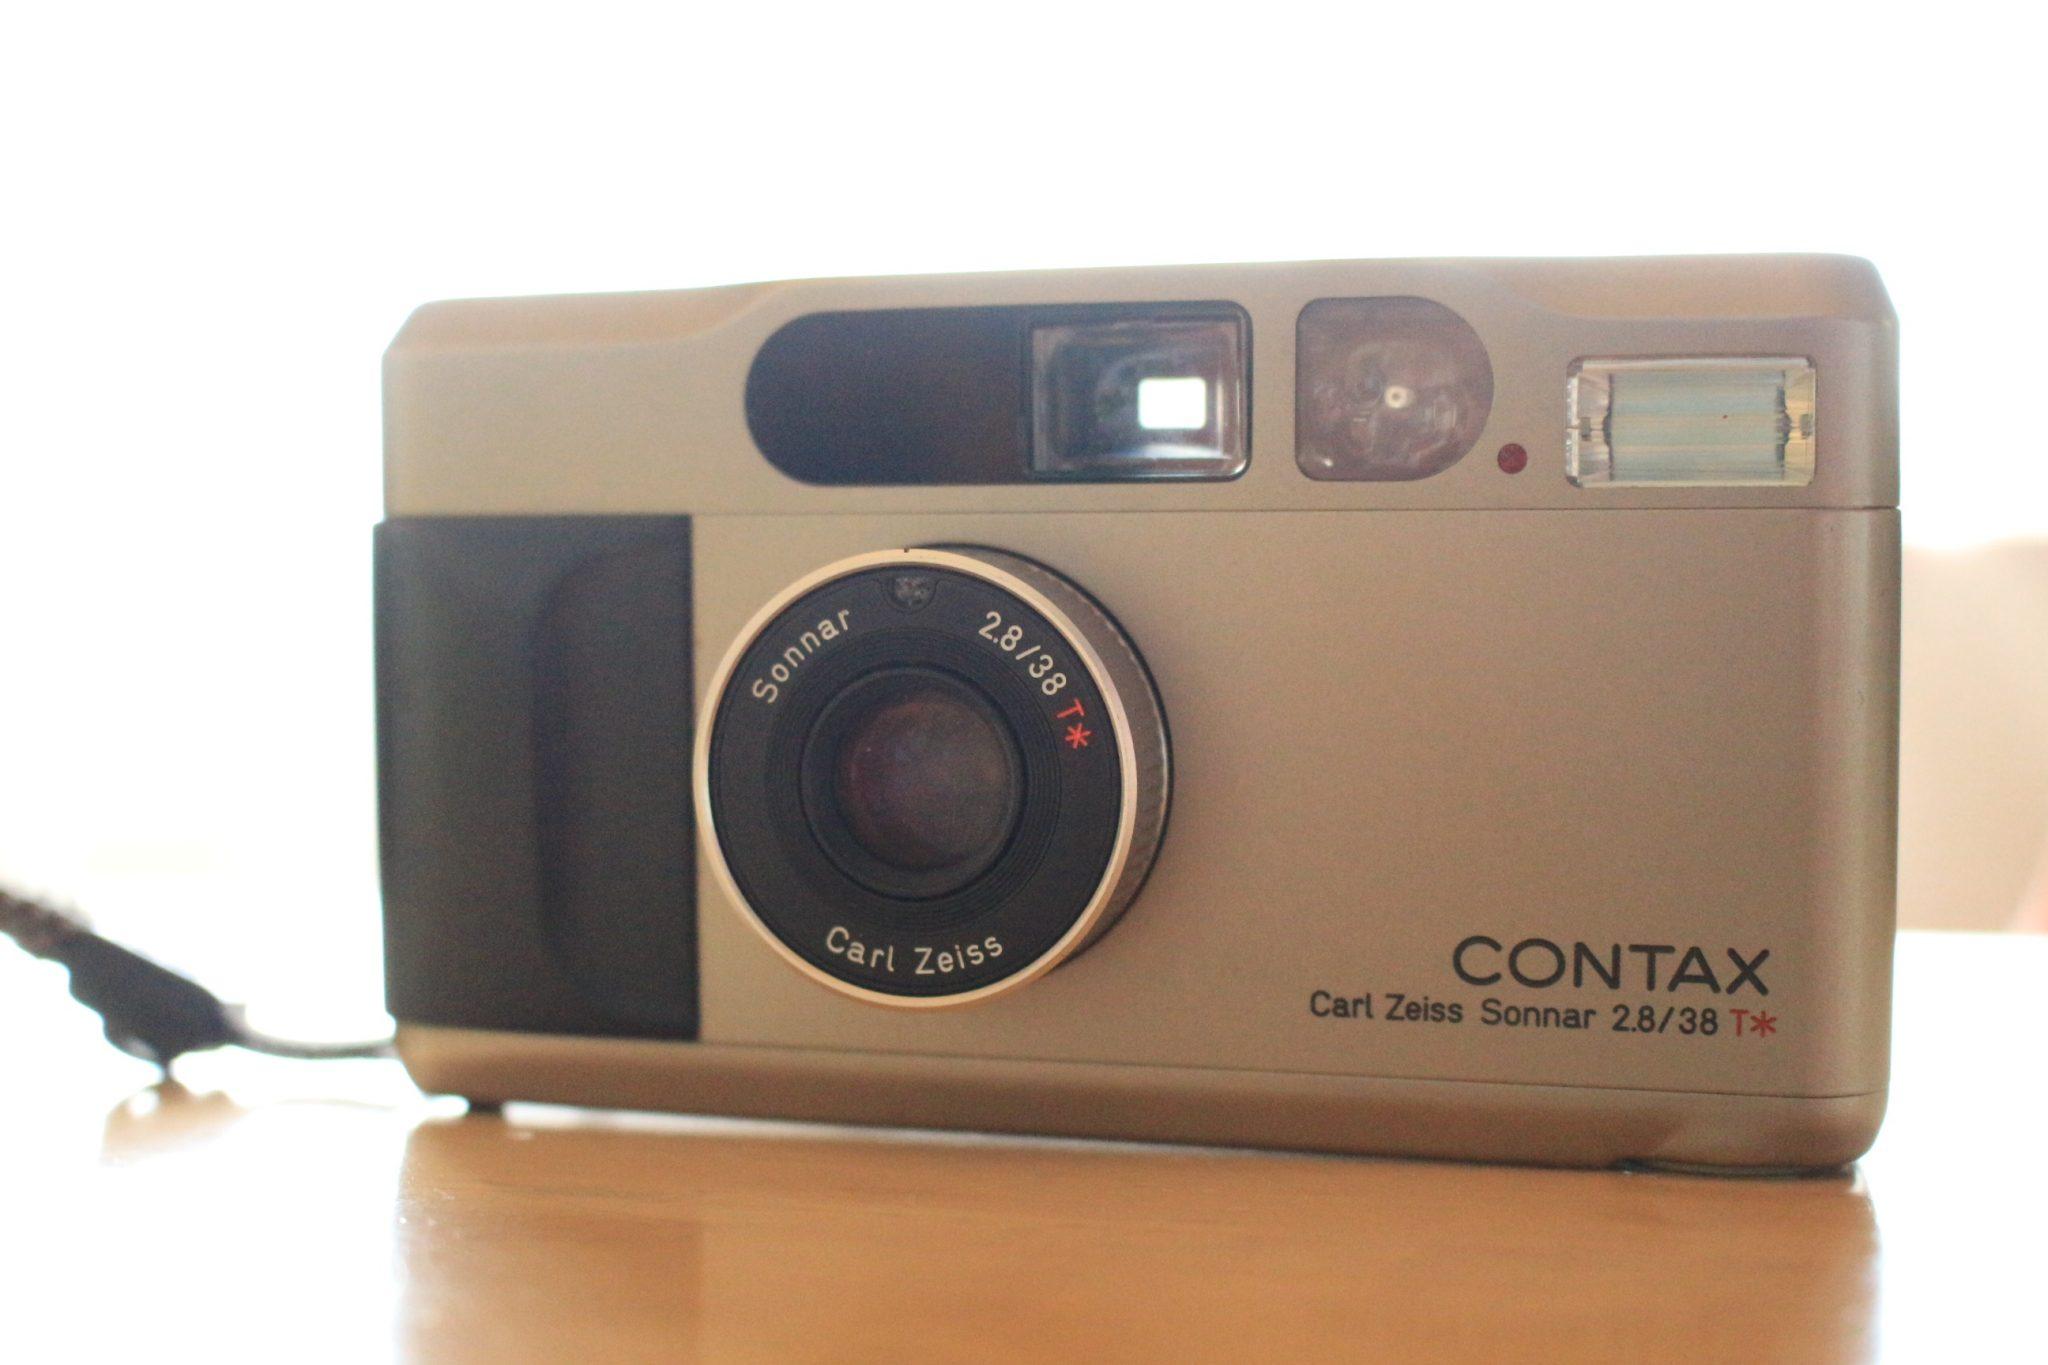 コンタックスT2を手に入れたんですが、このカメラかなり人気みたい。